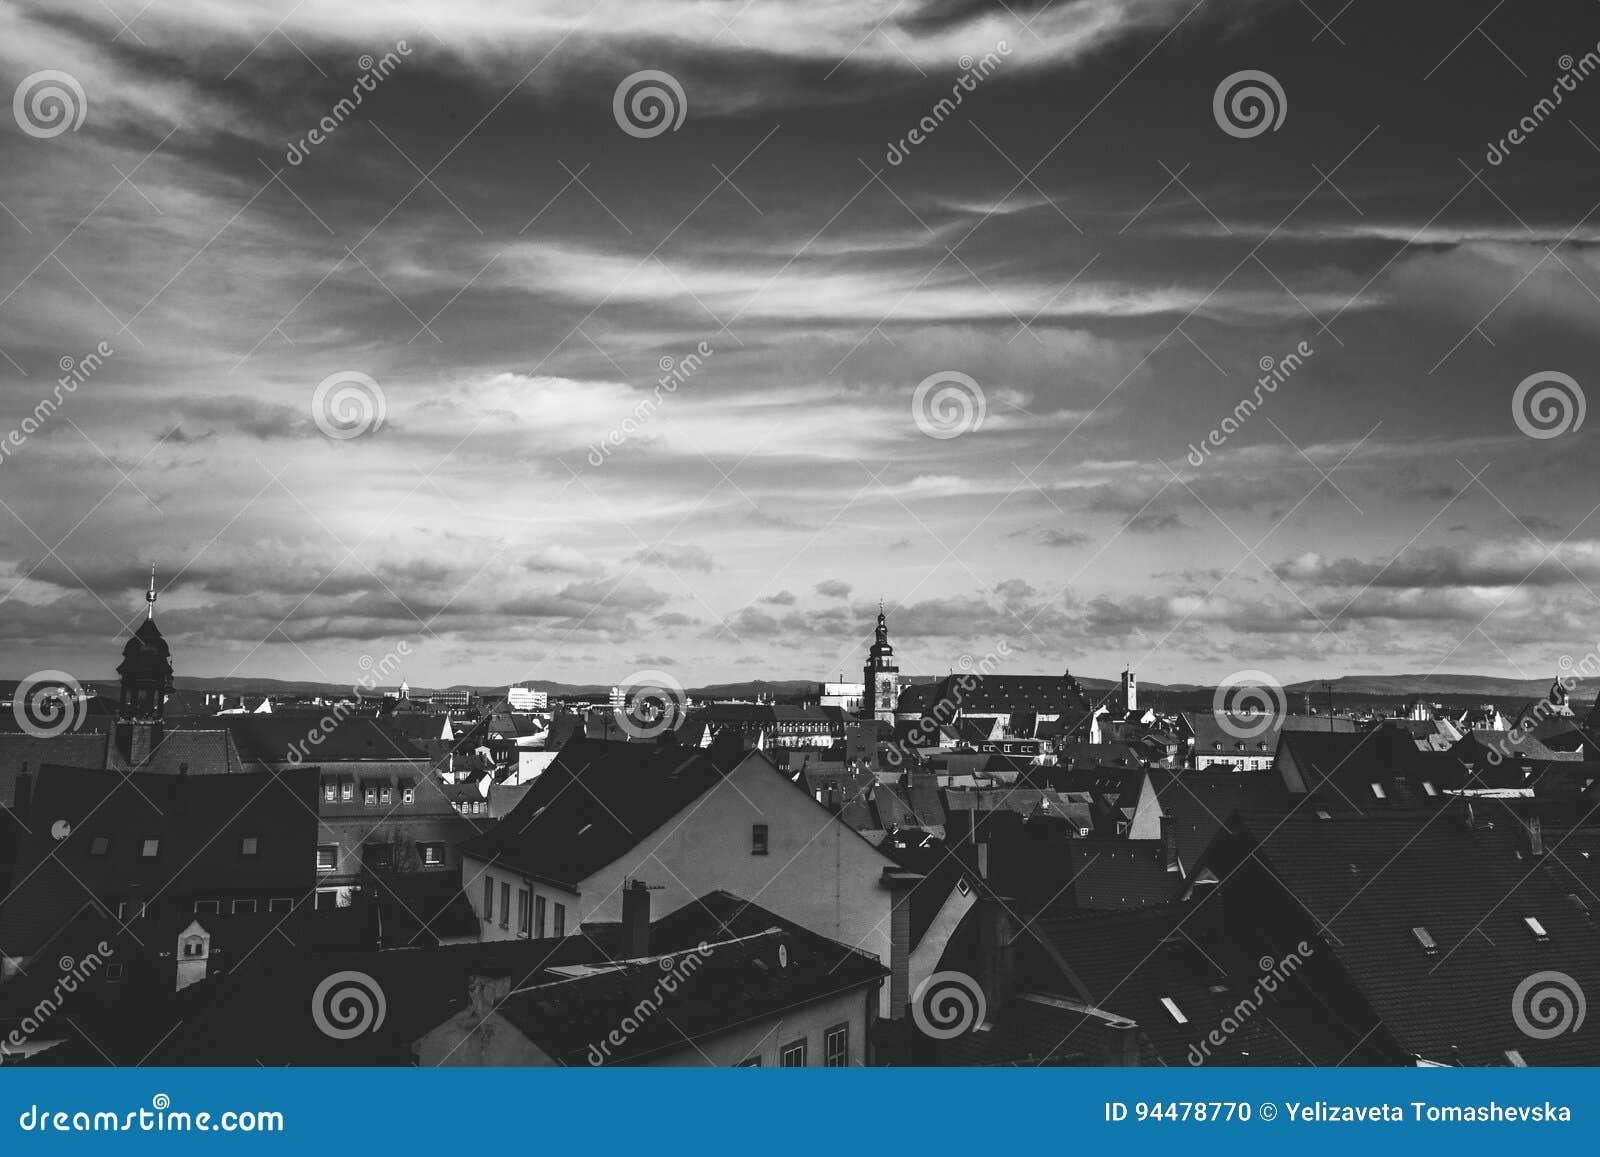 Stadsmening van Nuremberg, een stad in Franconia in de Duitse staat van Beieren